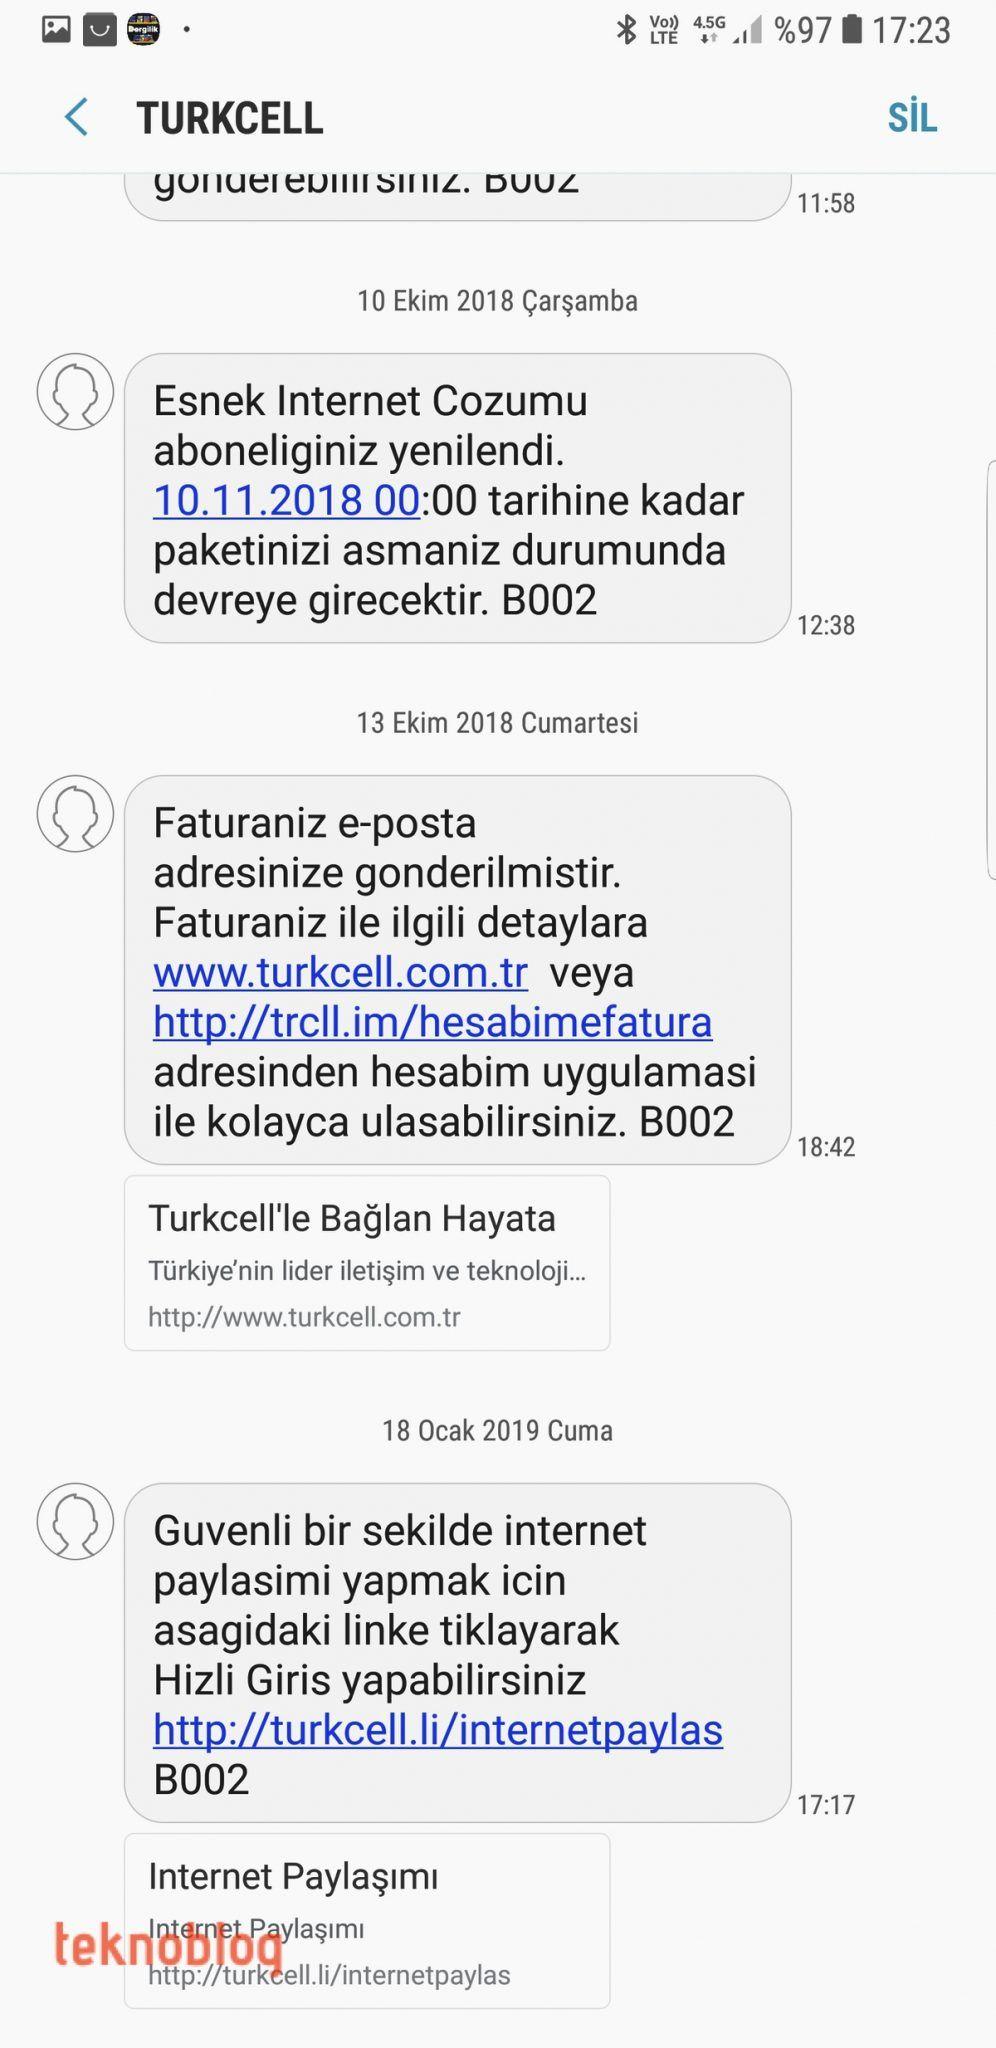 turkcell hızlı giriş internet paylaşımı